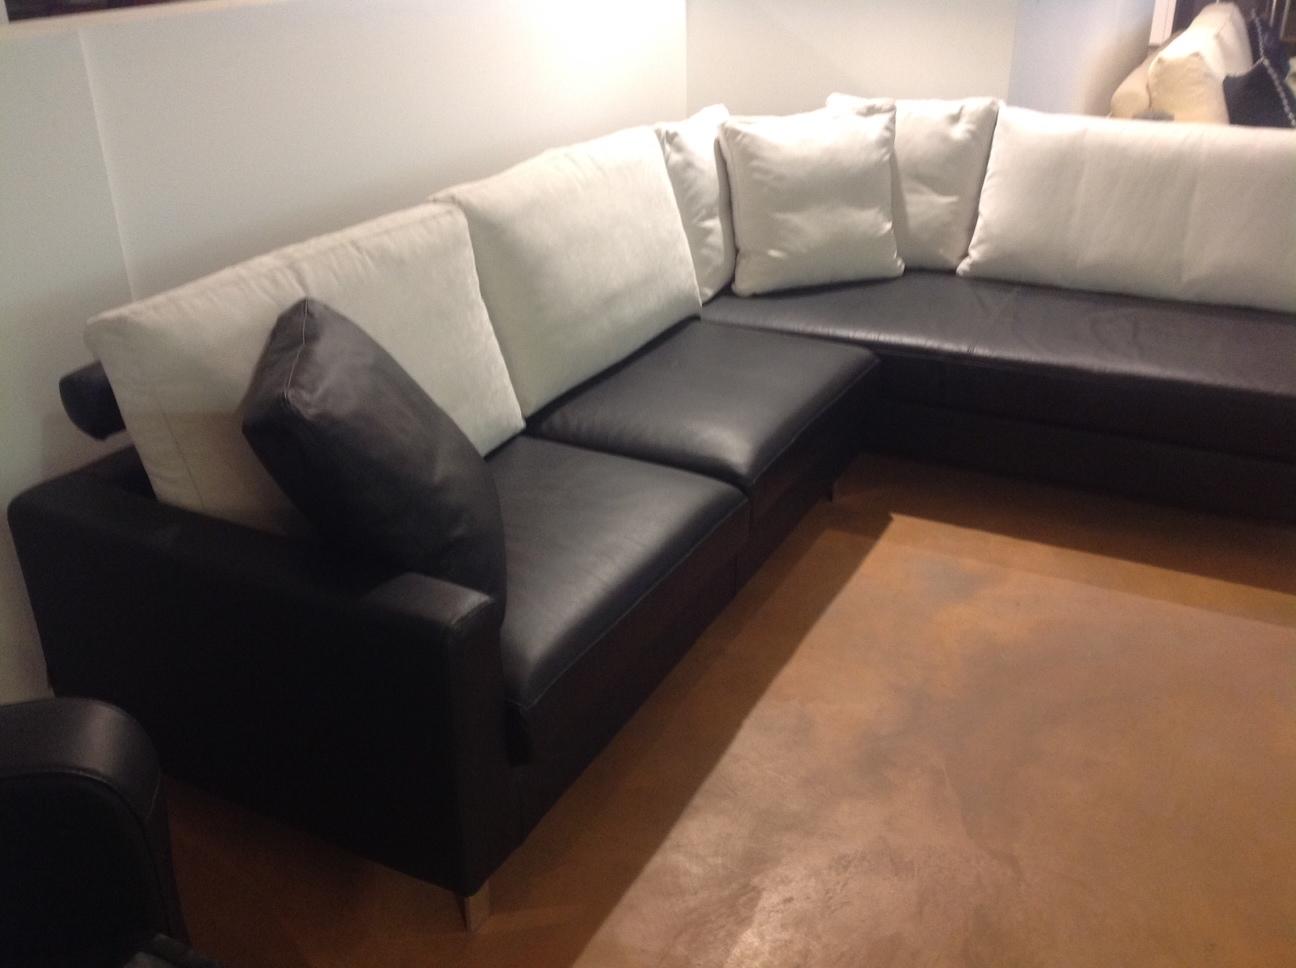 Divano corinto nikita divano angolare divani a prezzi - Divano angolare divani e divani ...